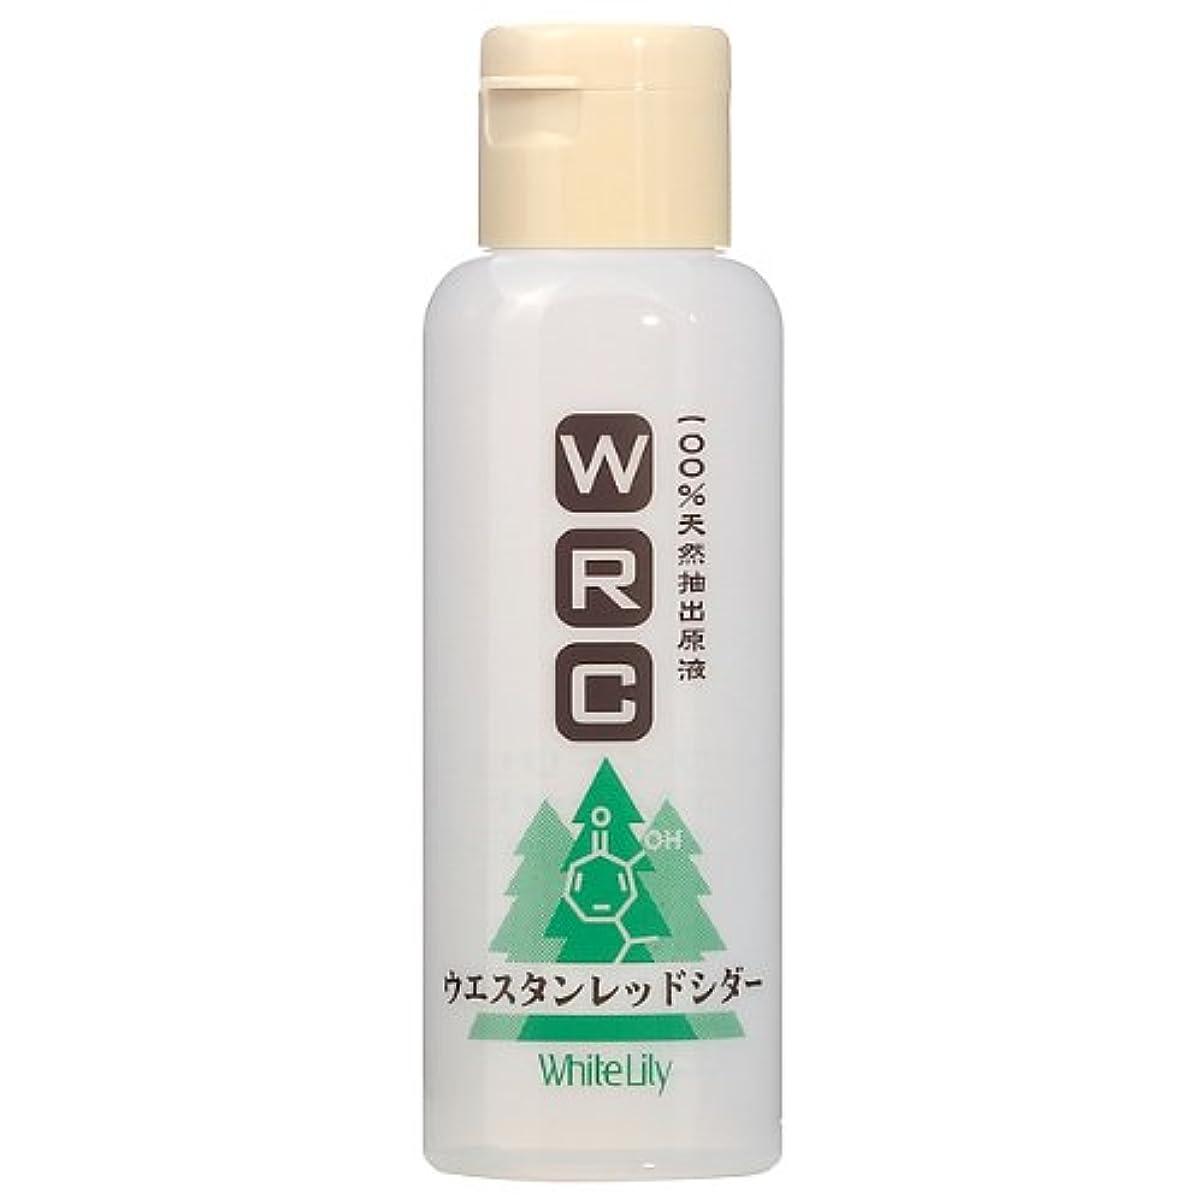 ストレージリクルートシネウィホワイトリリー ウエスタンレッドシダー 110mL 化粧水